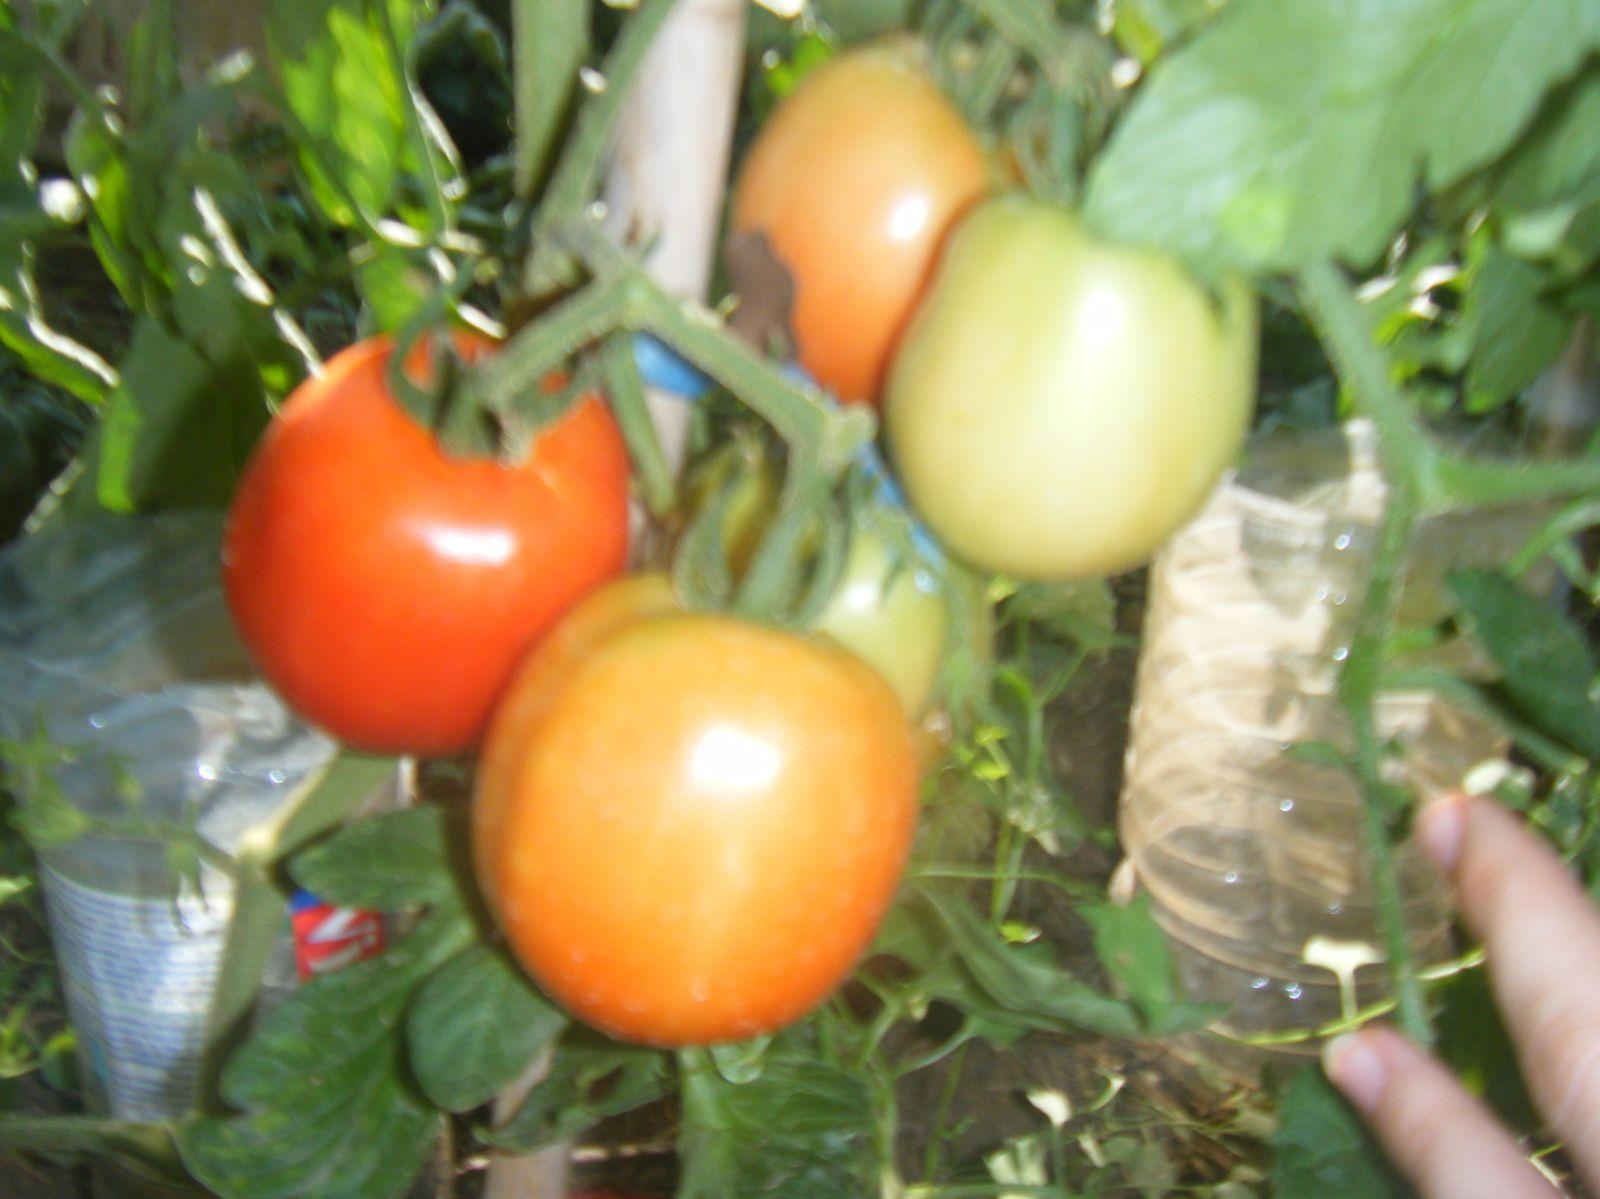 tomates pendelotte et noires de crimée, puis les fraises, le butternut ( vert ), et l'unique courgette jaune!